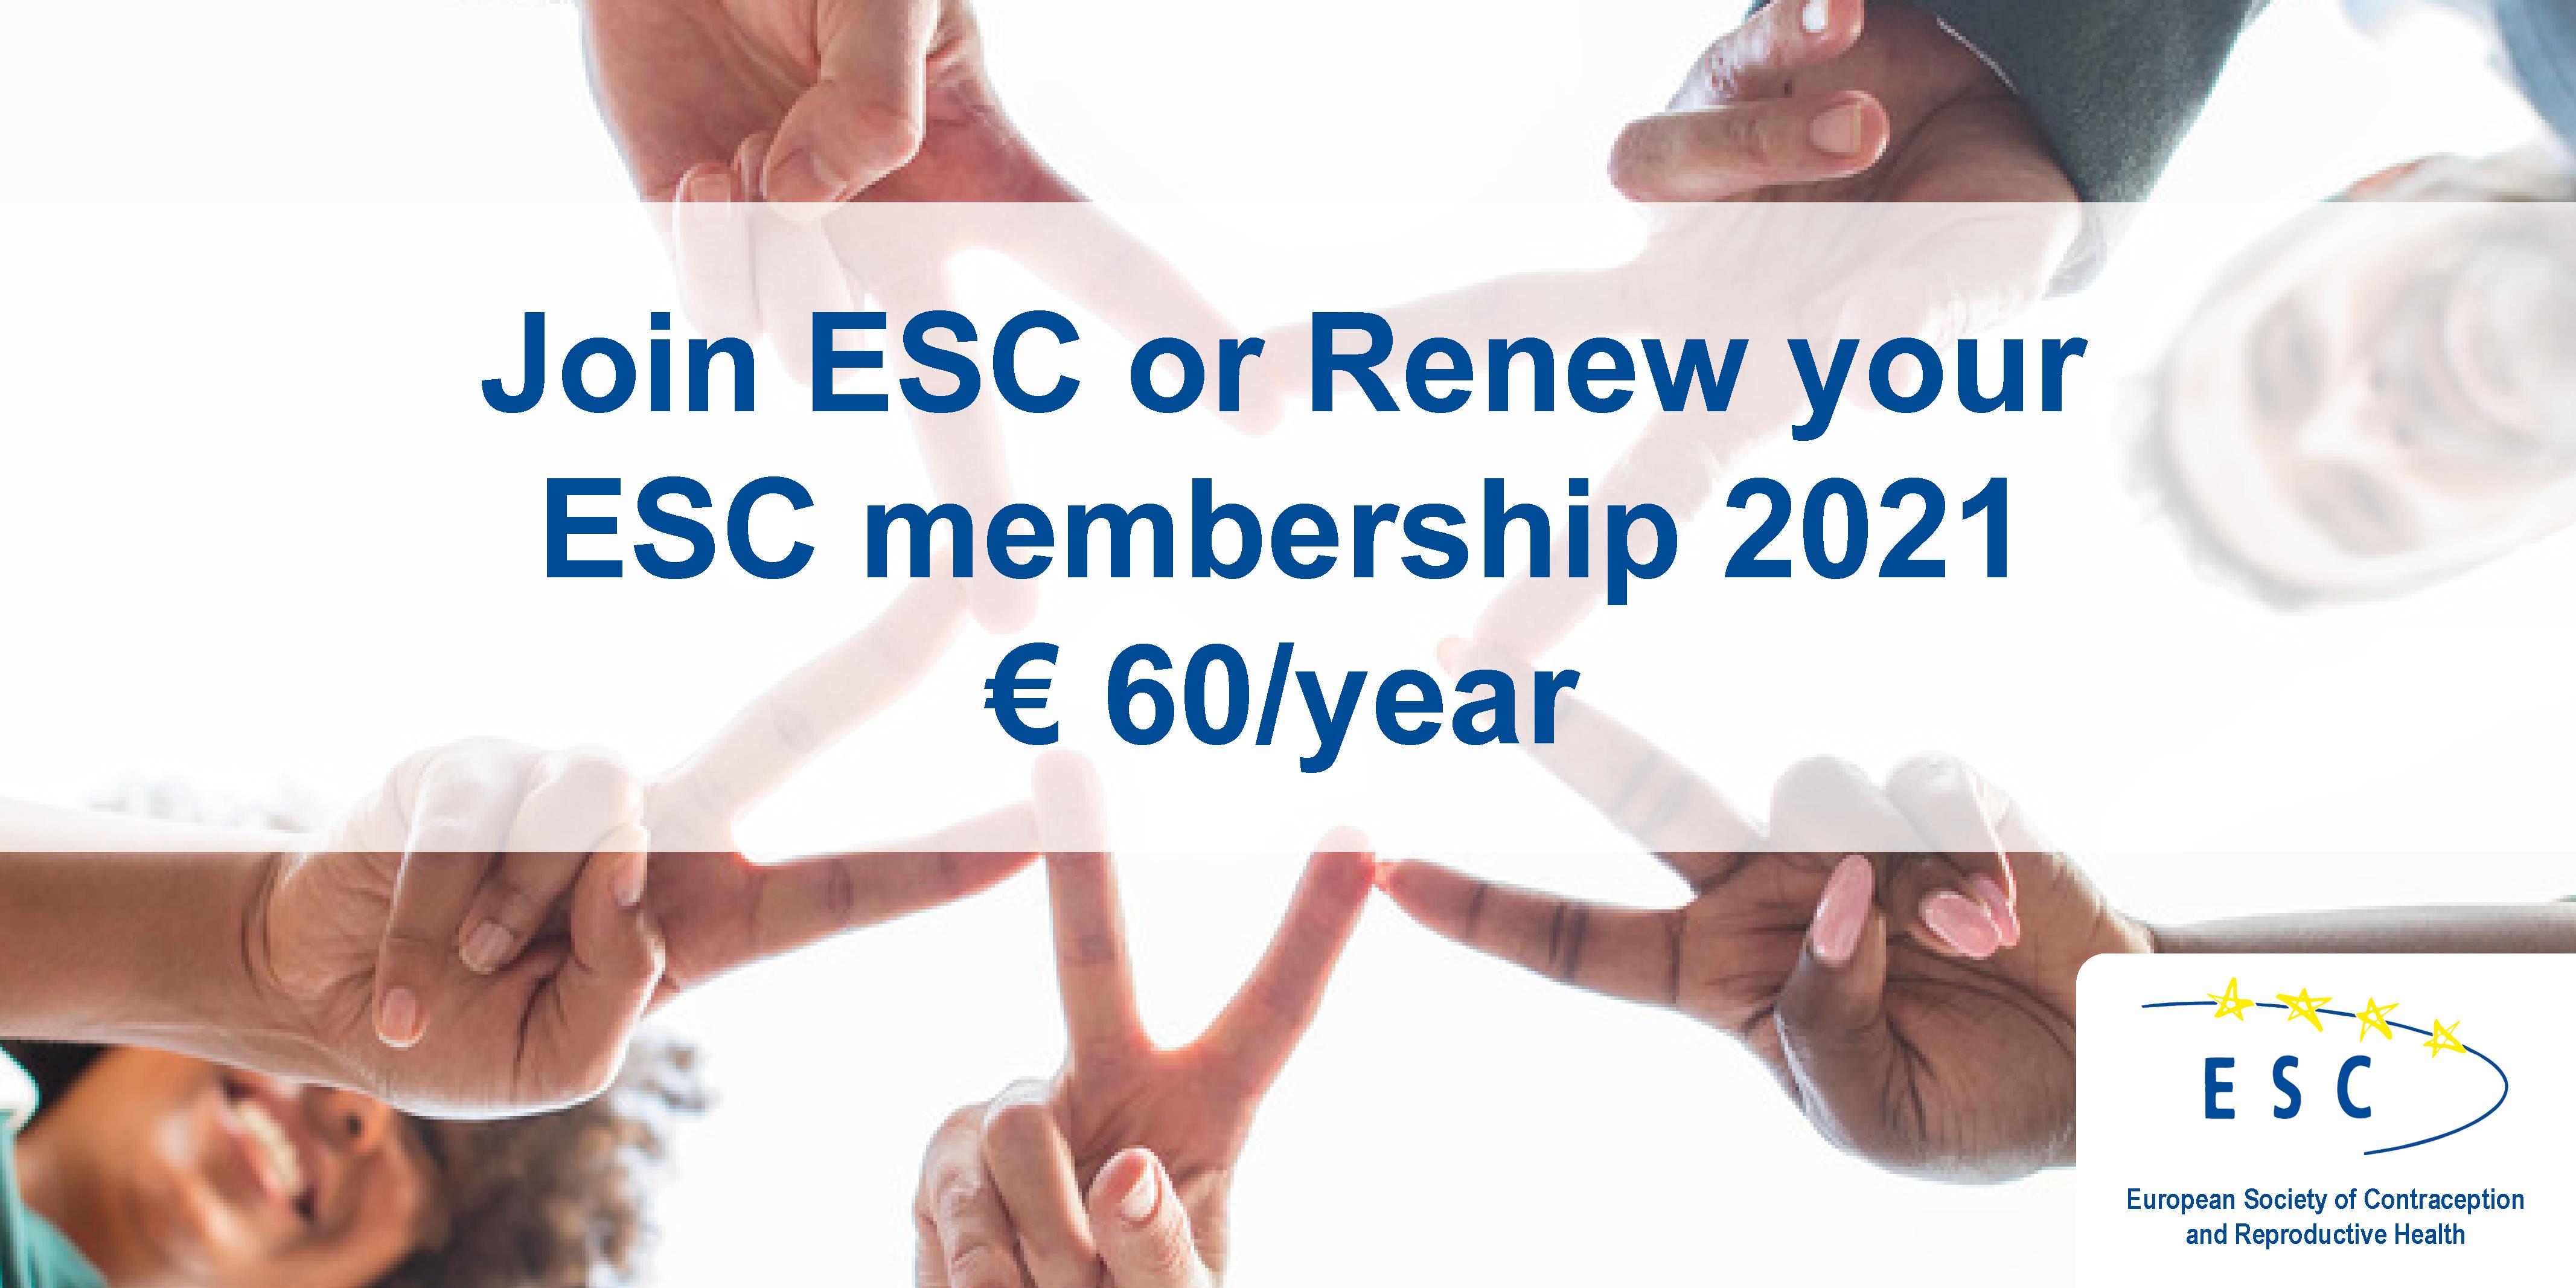 esc-membership-2021